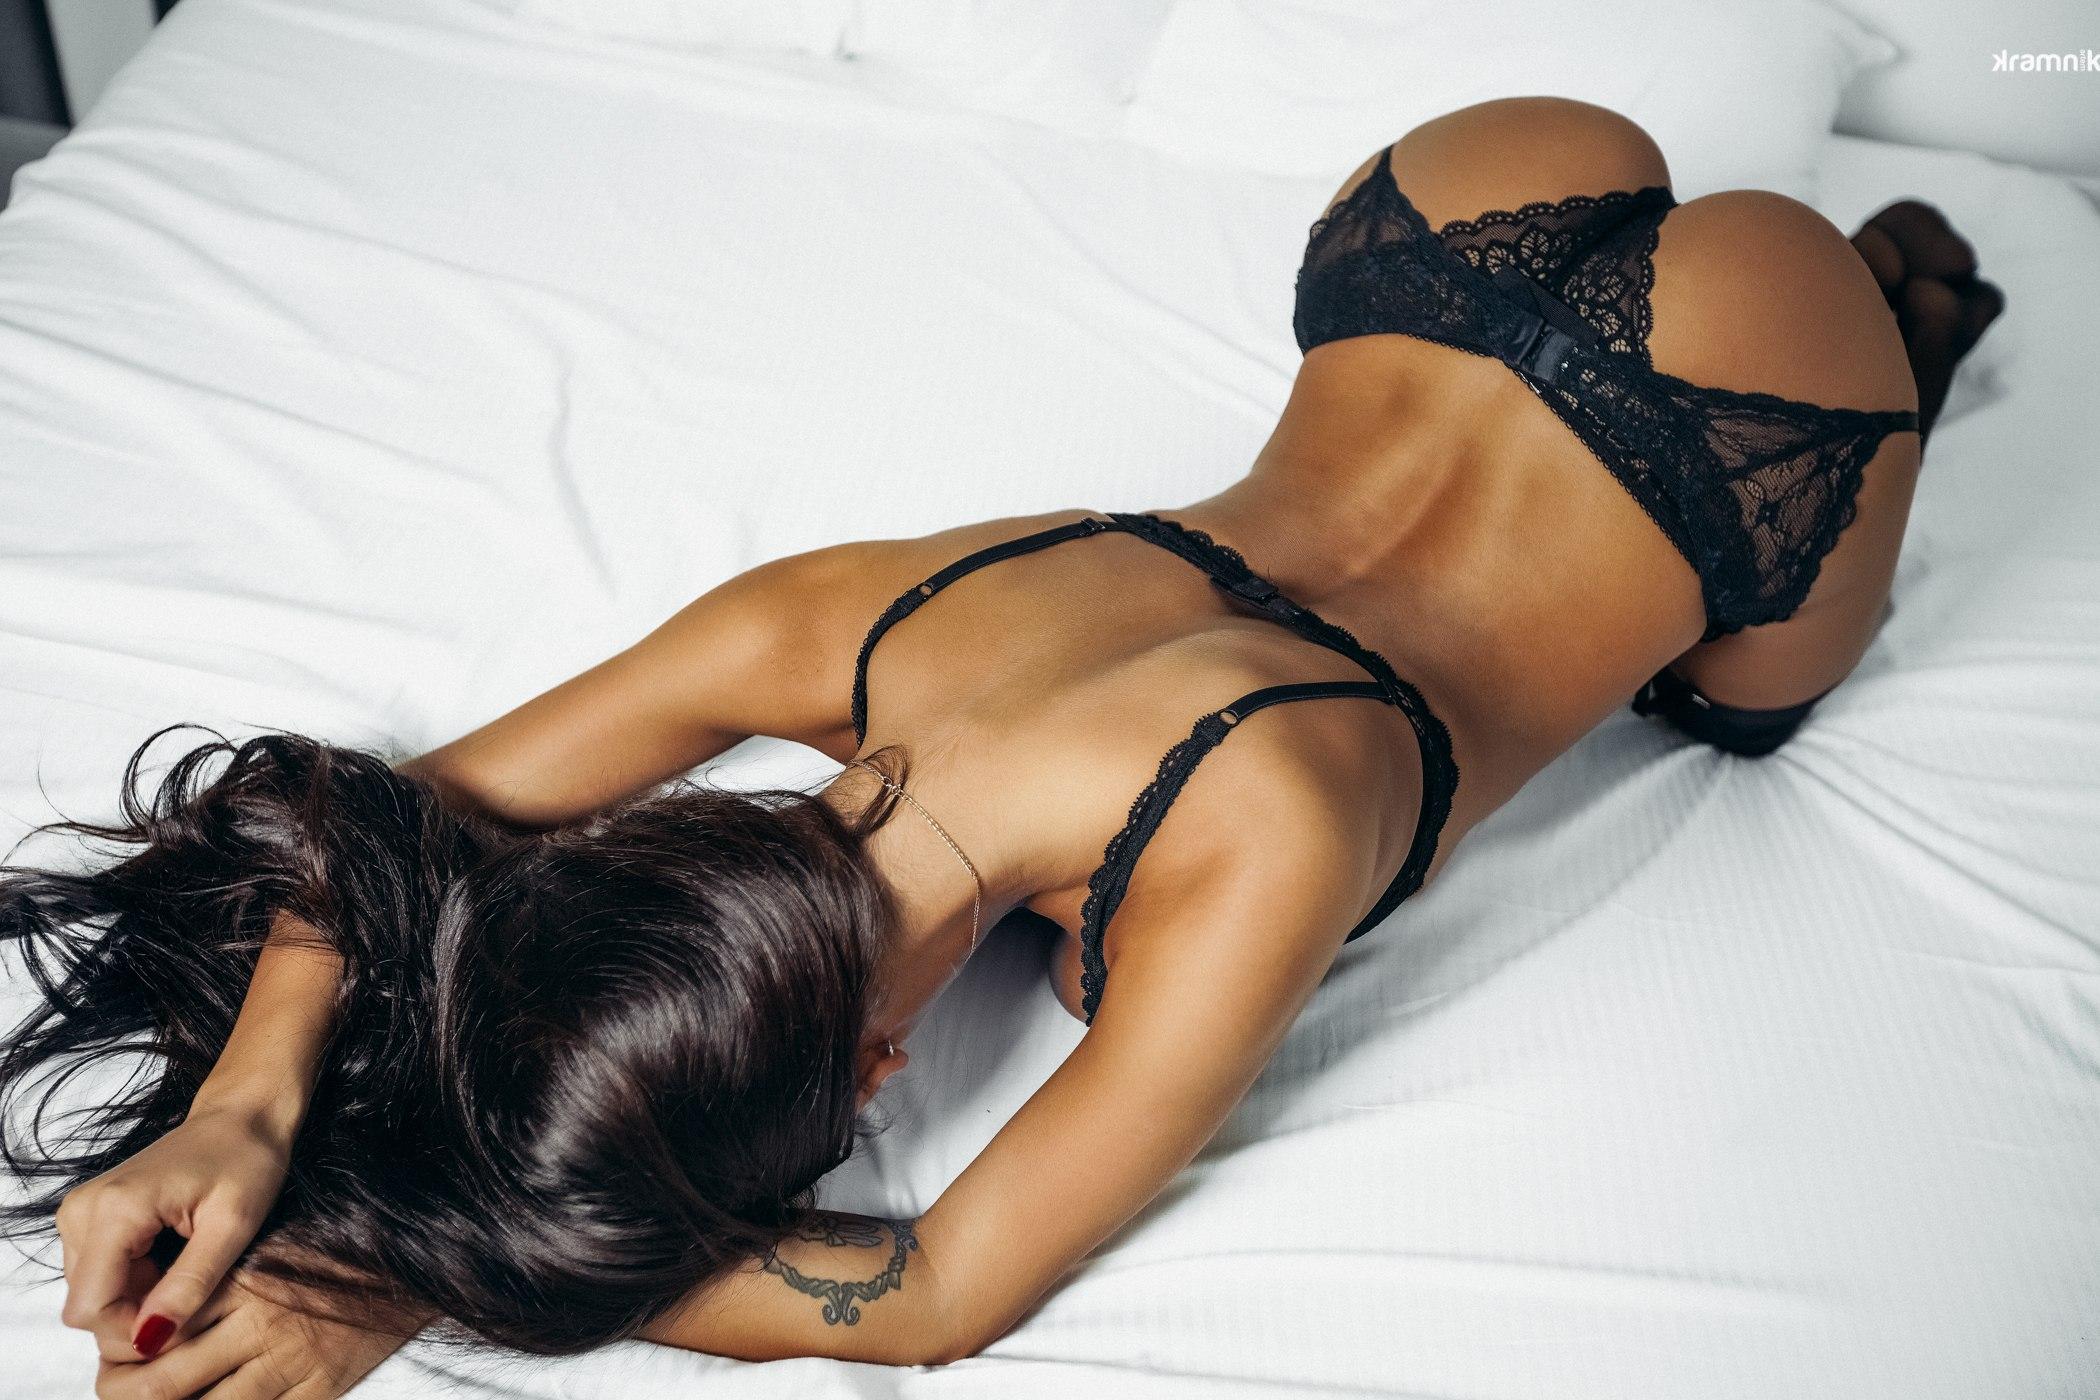 Стройная милая девушка порно 23 фотография